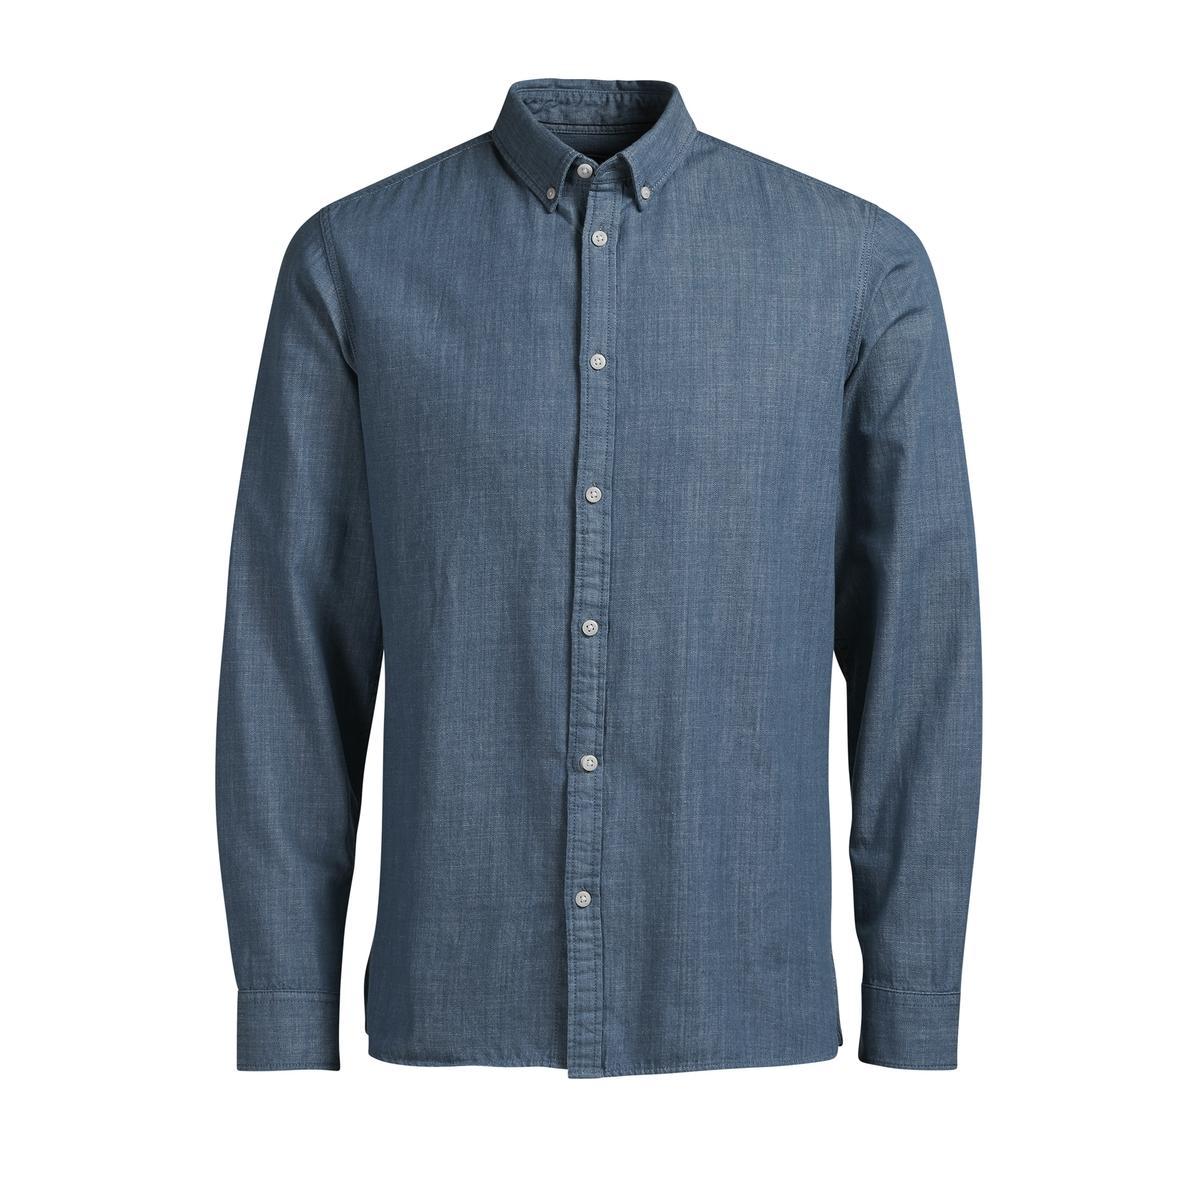 Рубашка JORSPOT узкого покрояРубашка модель JORSPOT от марки Jack &amp; Jones®  из хлопка под очень мягкий и эластичный деним с контрастными пуговицами .             Длинные рукава, манжеты с застежкой на 2 пуговицы, пуговица на предплечье           Облегающий покрой           Классический воротник со свободными уголками           Закругленный низ, разрезы по бокам           Логотип с внутренней стороны застежки на пуговицыСостав и описание :Основной материал : 100% хлопок            Марка :  JACK &amp; JONES®Уход  : Следуйте рекомендациям, указанным на этикетке изделия.<br><br>Цвет: голубой<br>Размер: L